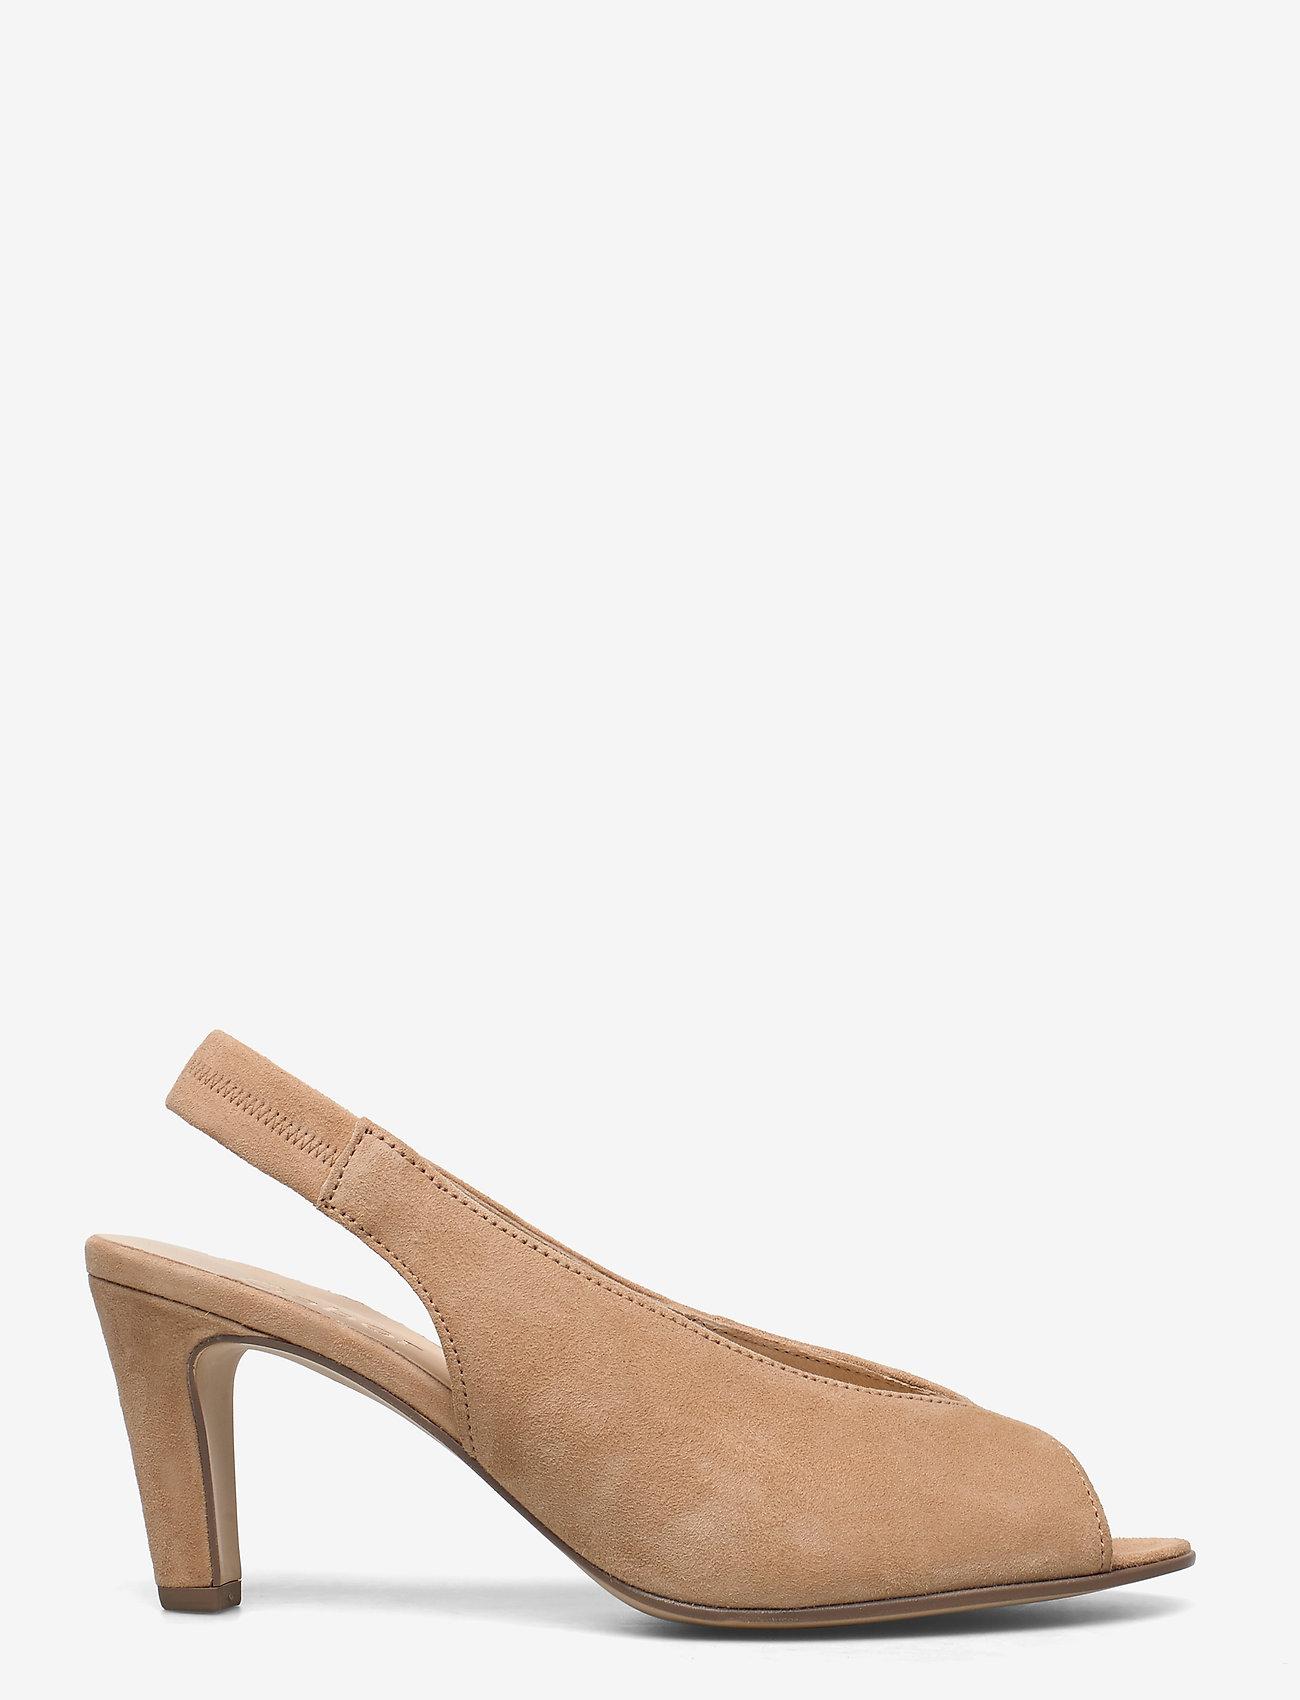 Gabor - sandals - peeptoes - beige - 1